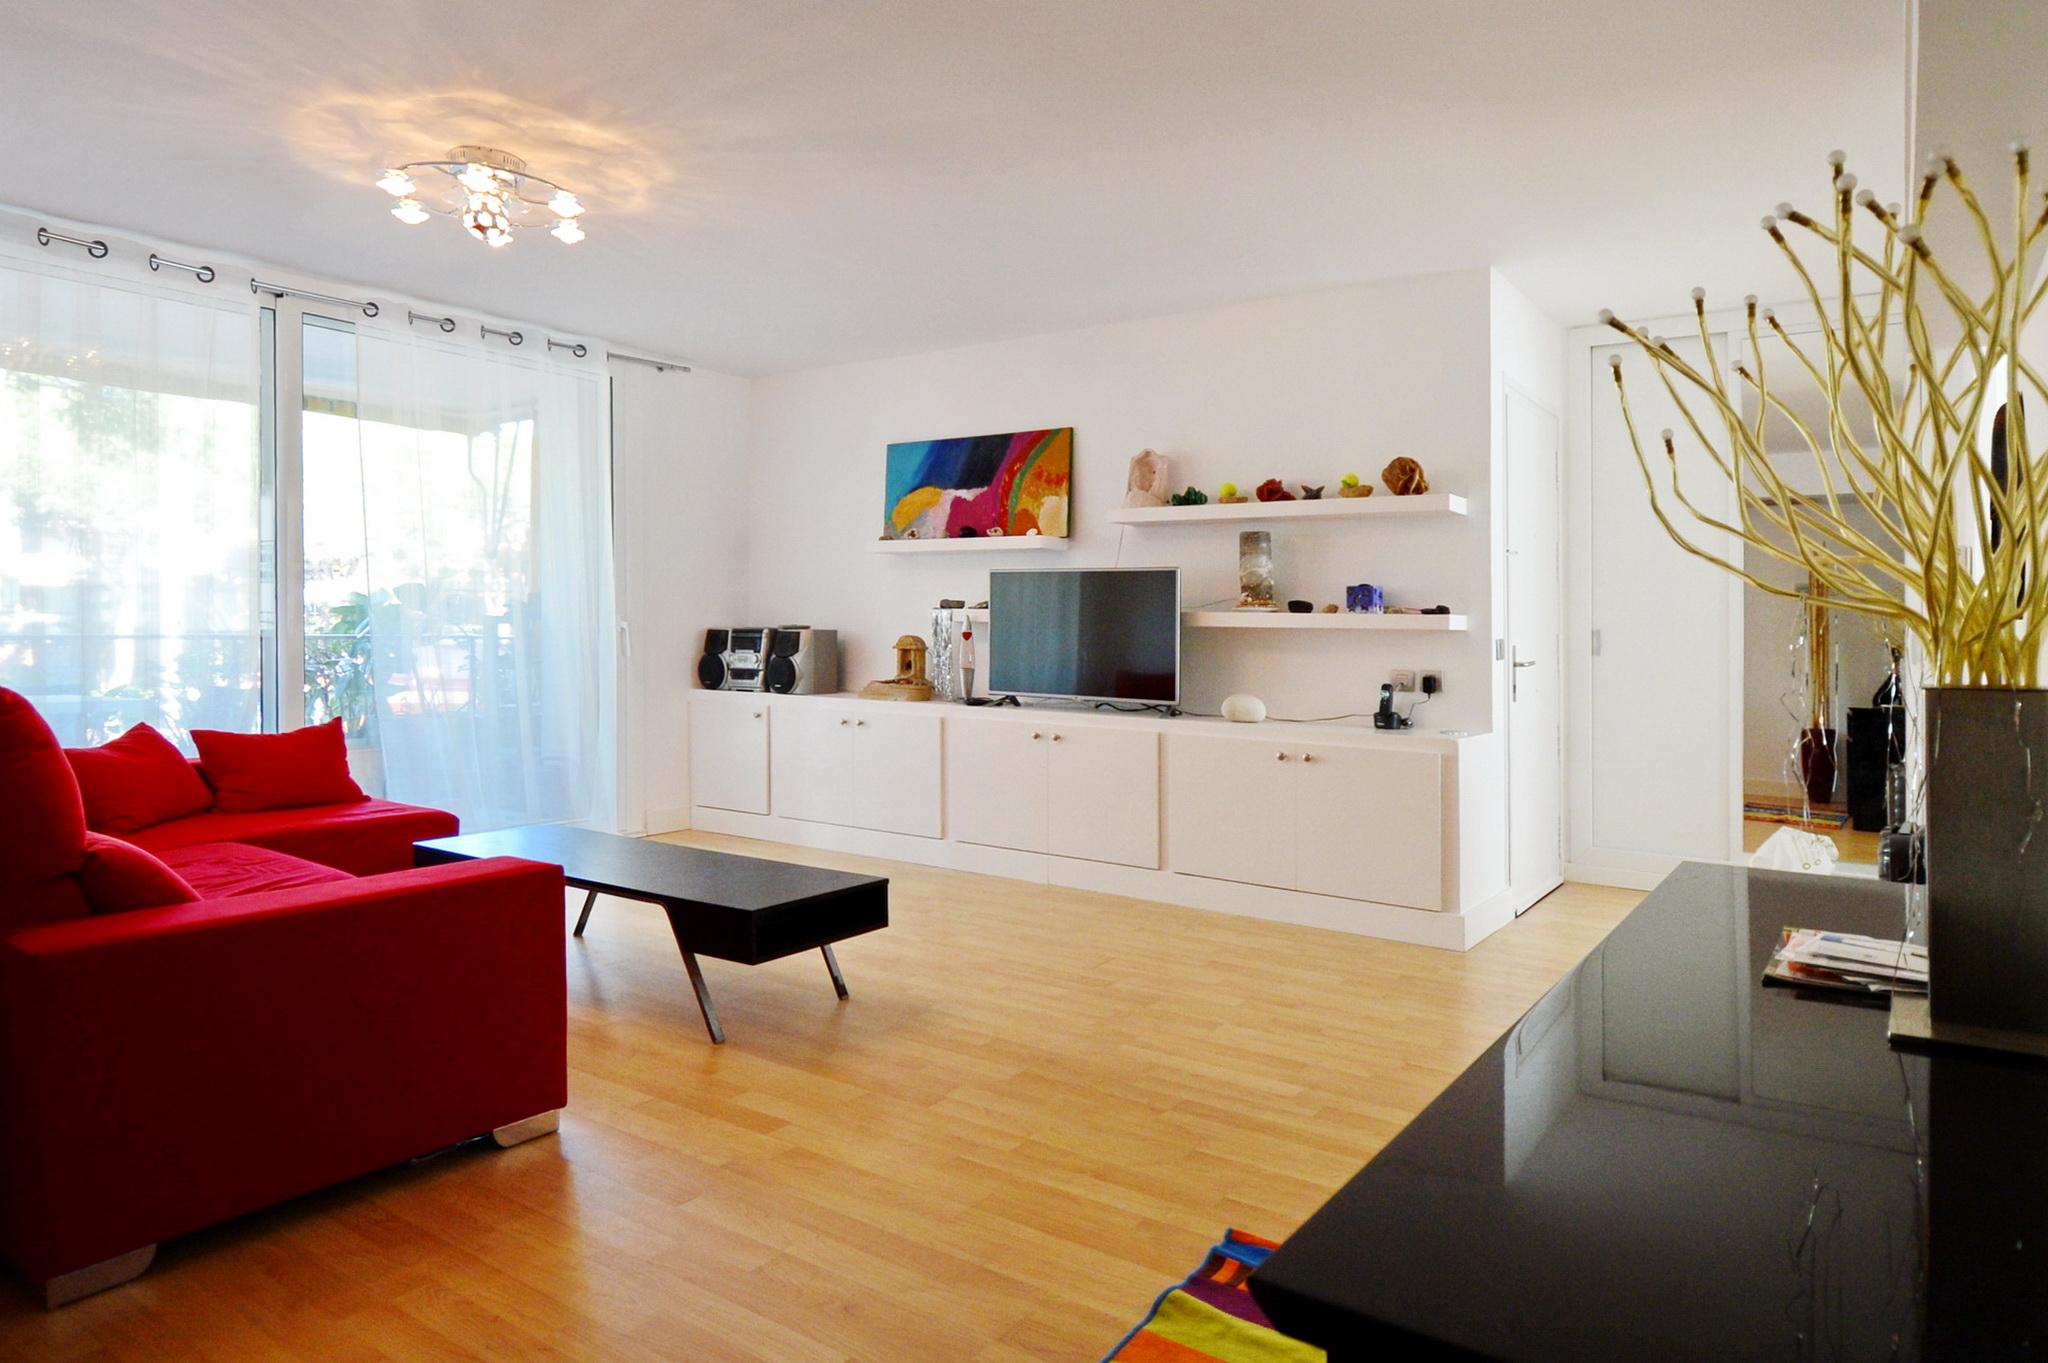 Однокомнатная квартира 40 кв м интерьер гостиной